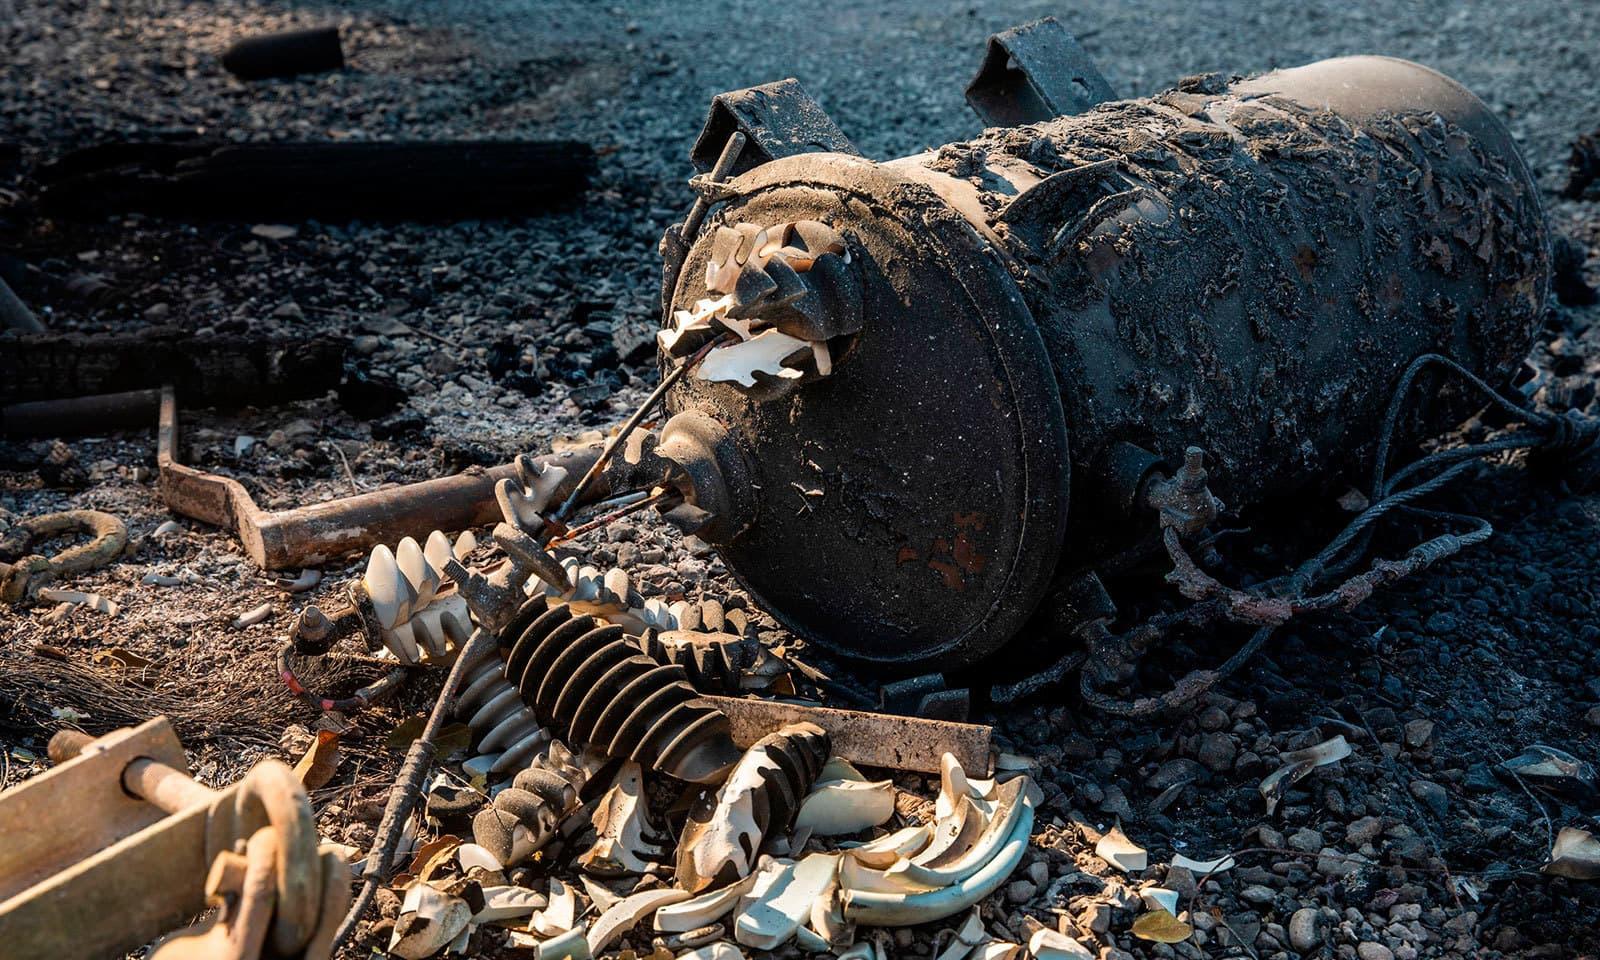 ونڈسر میں آگ سے شہریوں میں خوف و ہراس پایا جاتا ہے—فوٹو:اے ایف پی